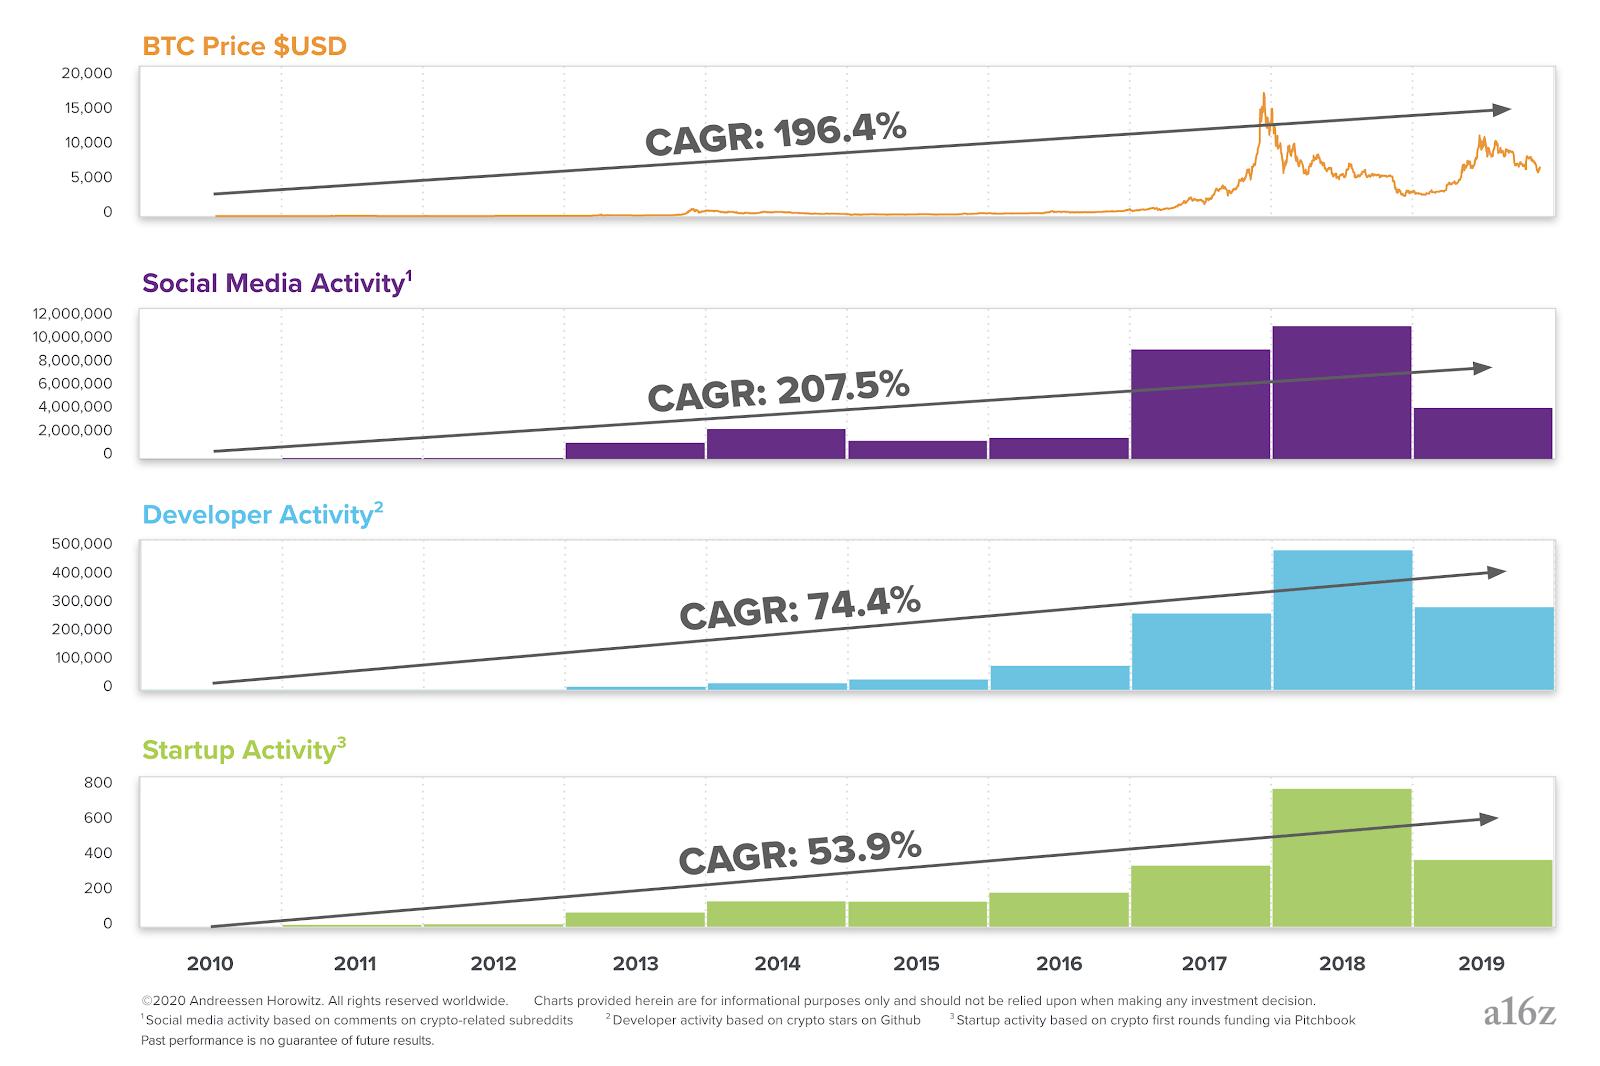 Средний рост активности с 2010 по 2019 годы